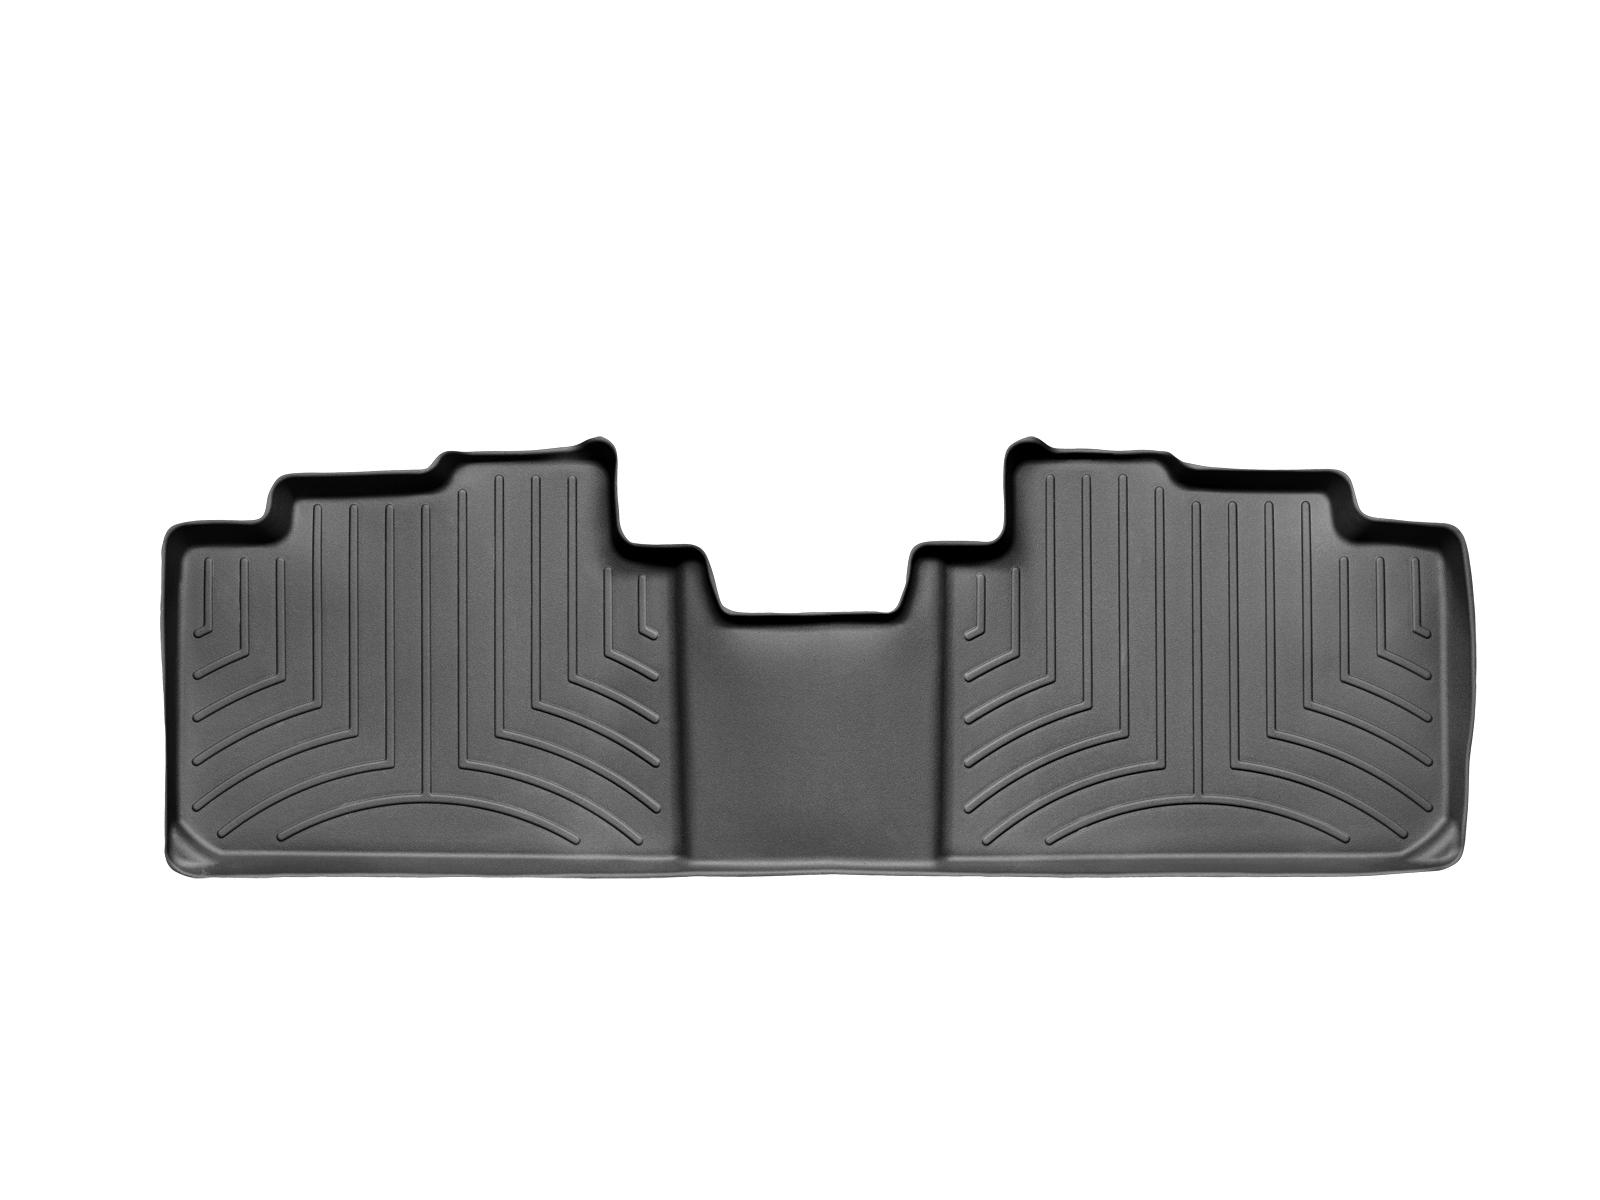 Tappeti gomma su misura bordo alto Cadillac SRX 10>16 Nero A80*